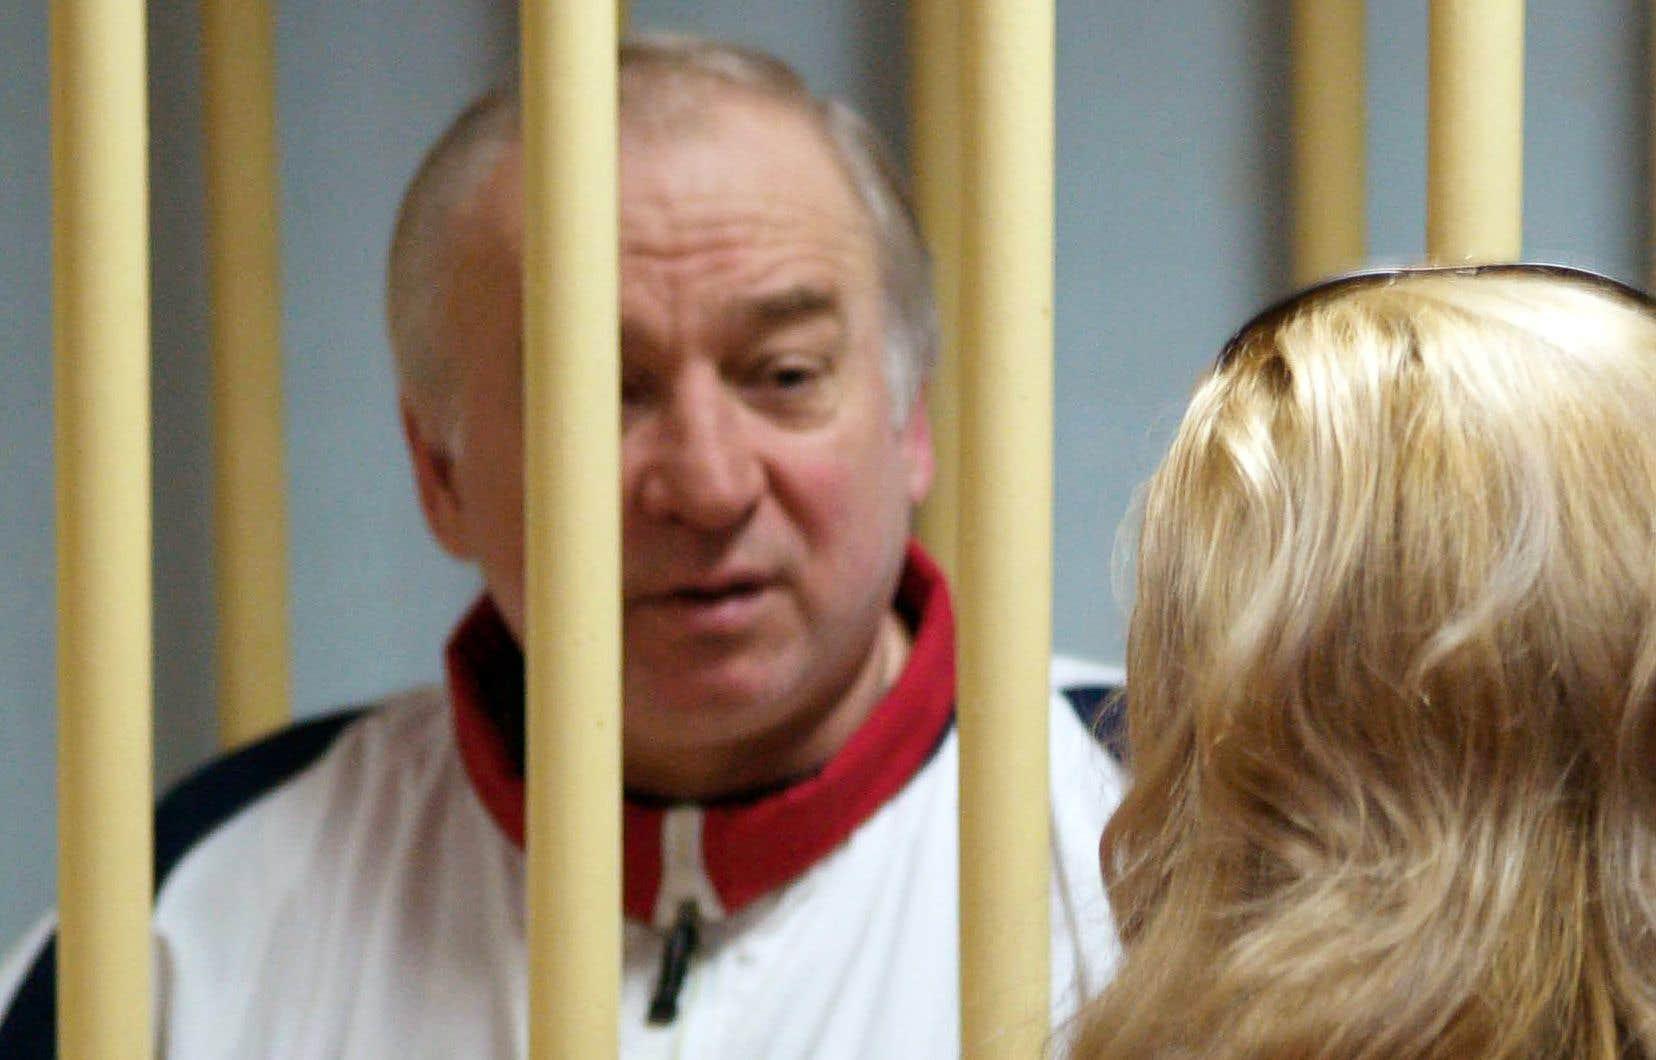 Ancien colonel du service de renseignement de l'armée russe, Sergueï Skripal avait été accusé de «haute trahison» pour avoir vendu des informations au renseignement britannique, et condamné en 2006 à 13ans de prison.